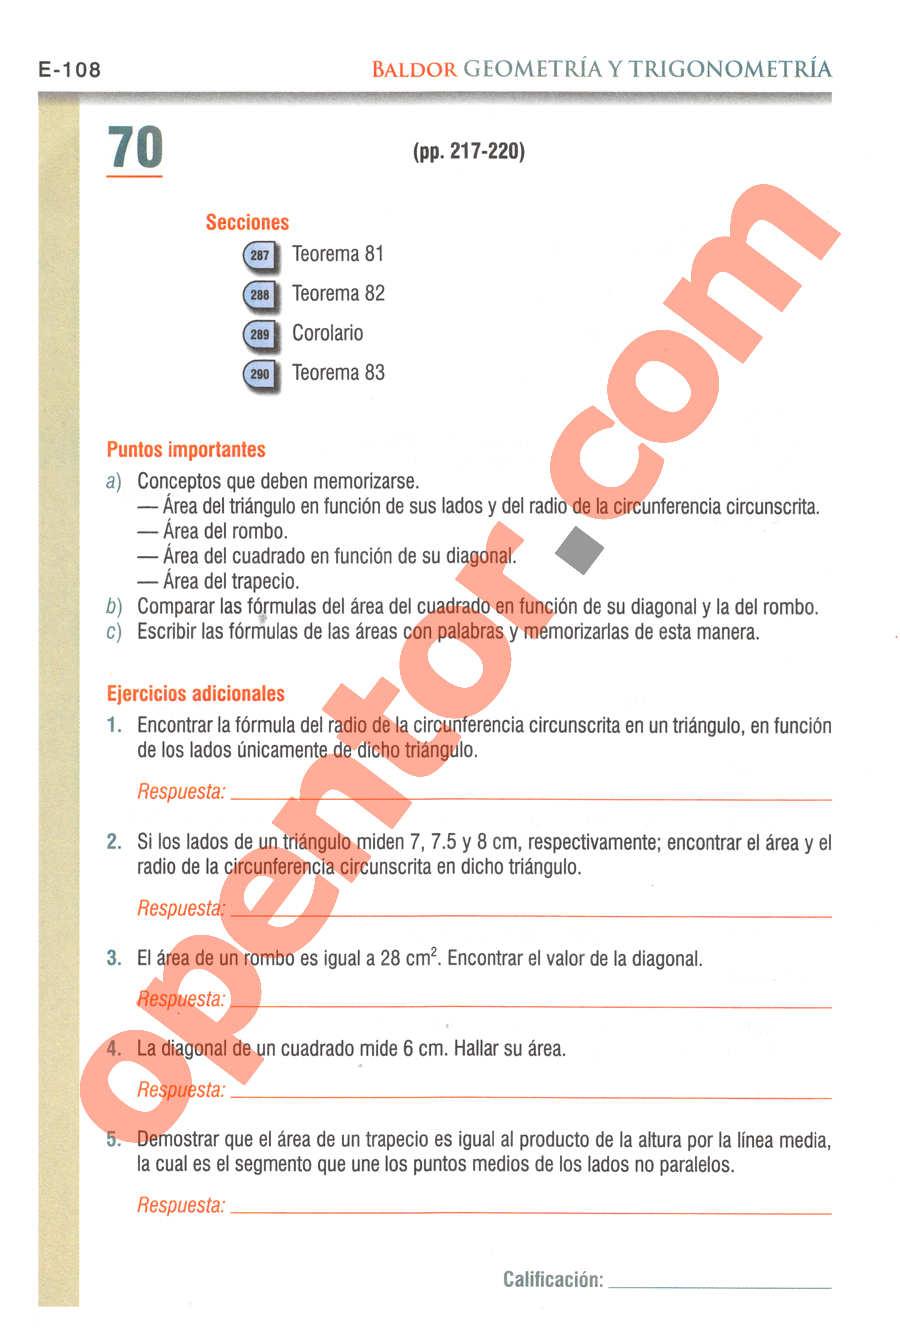 Geometría y Trigonometría de Baldor - Página E108